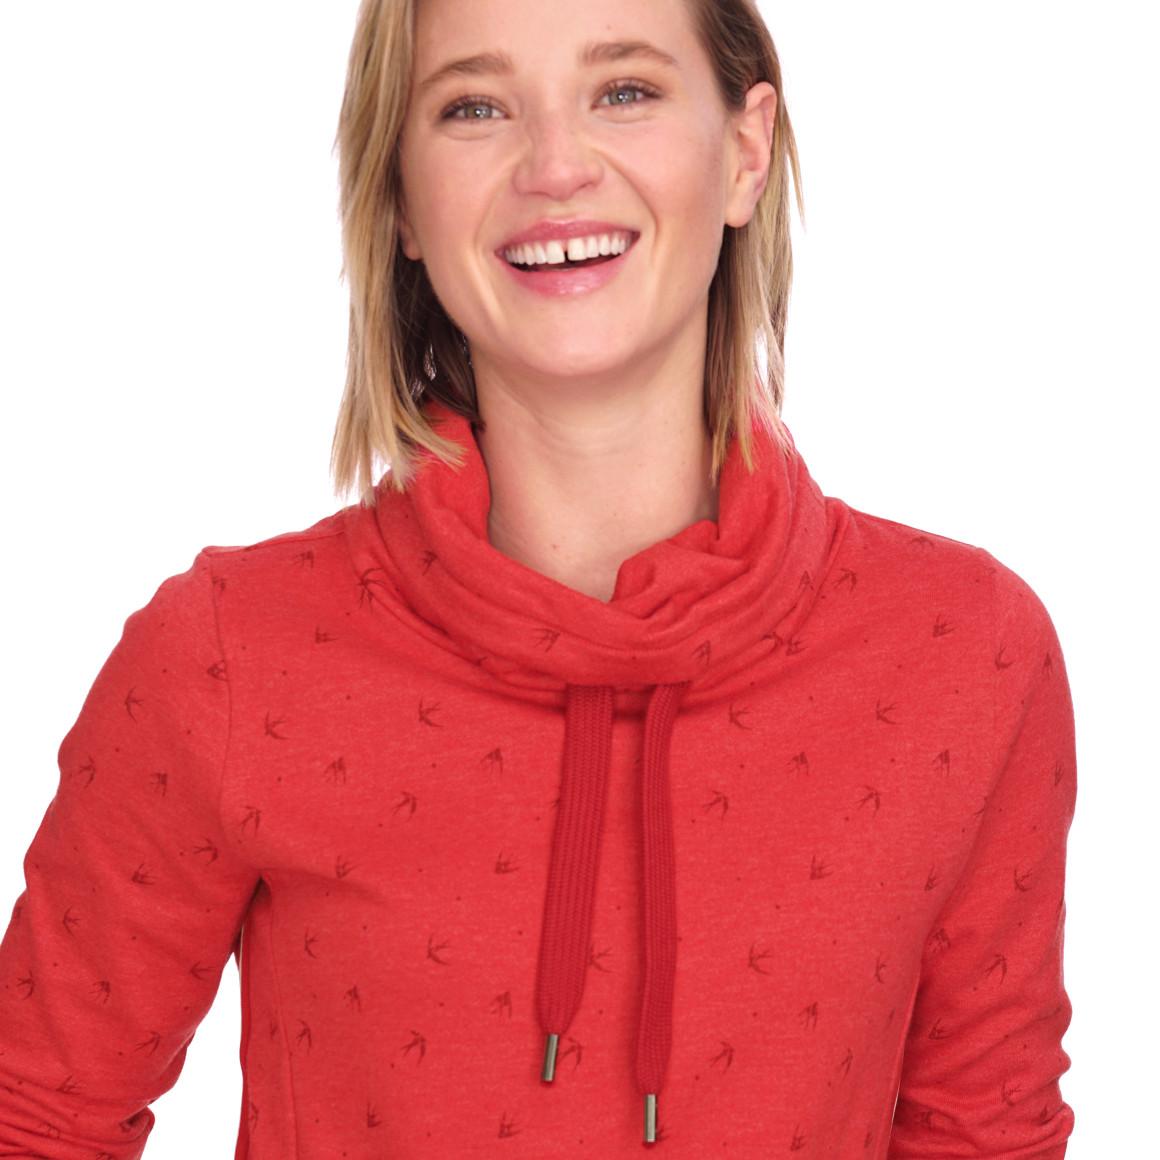 Damen Sweatshirt mit Schwalben allover | Ernsting's family